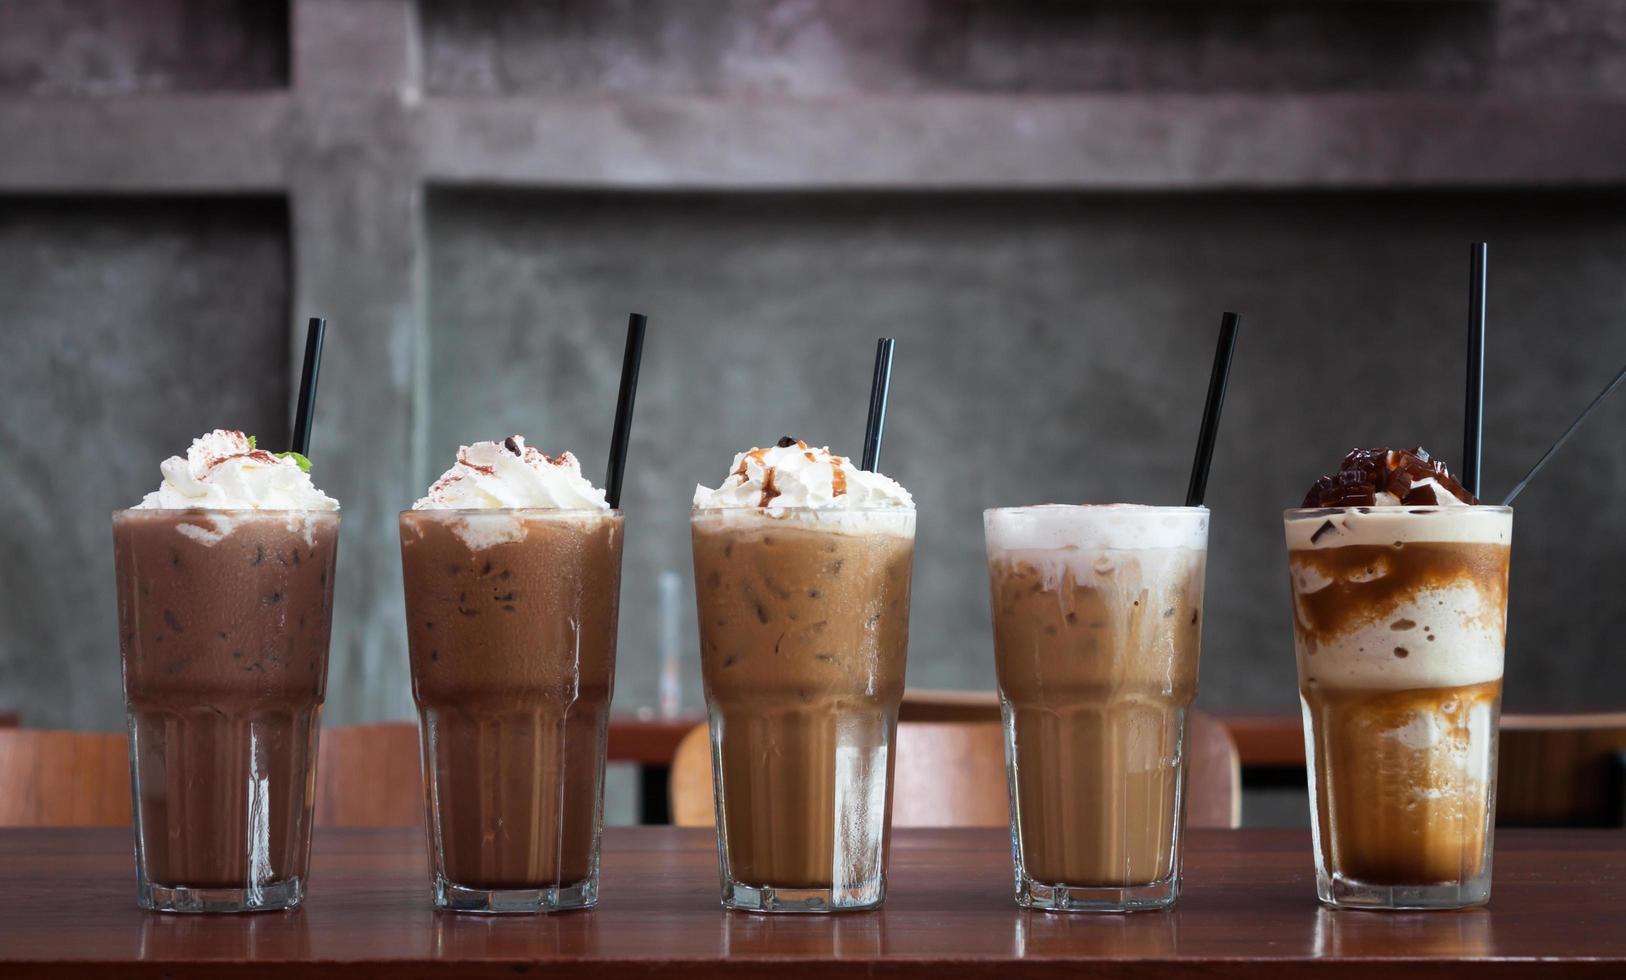 fila de cafés helados foto